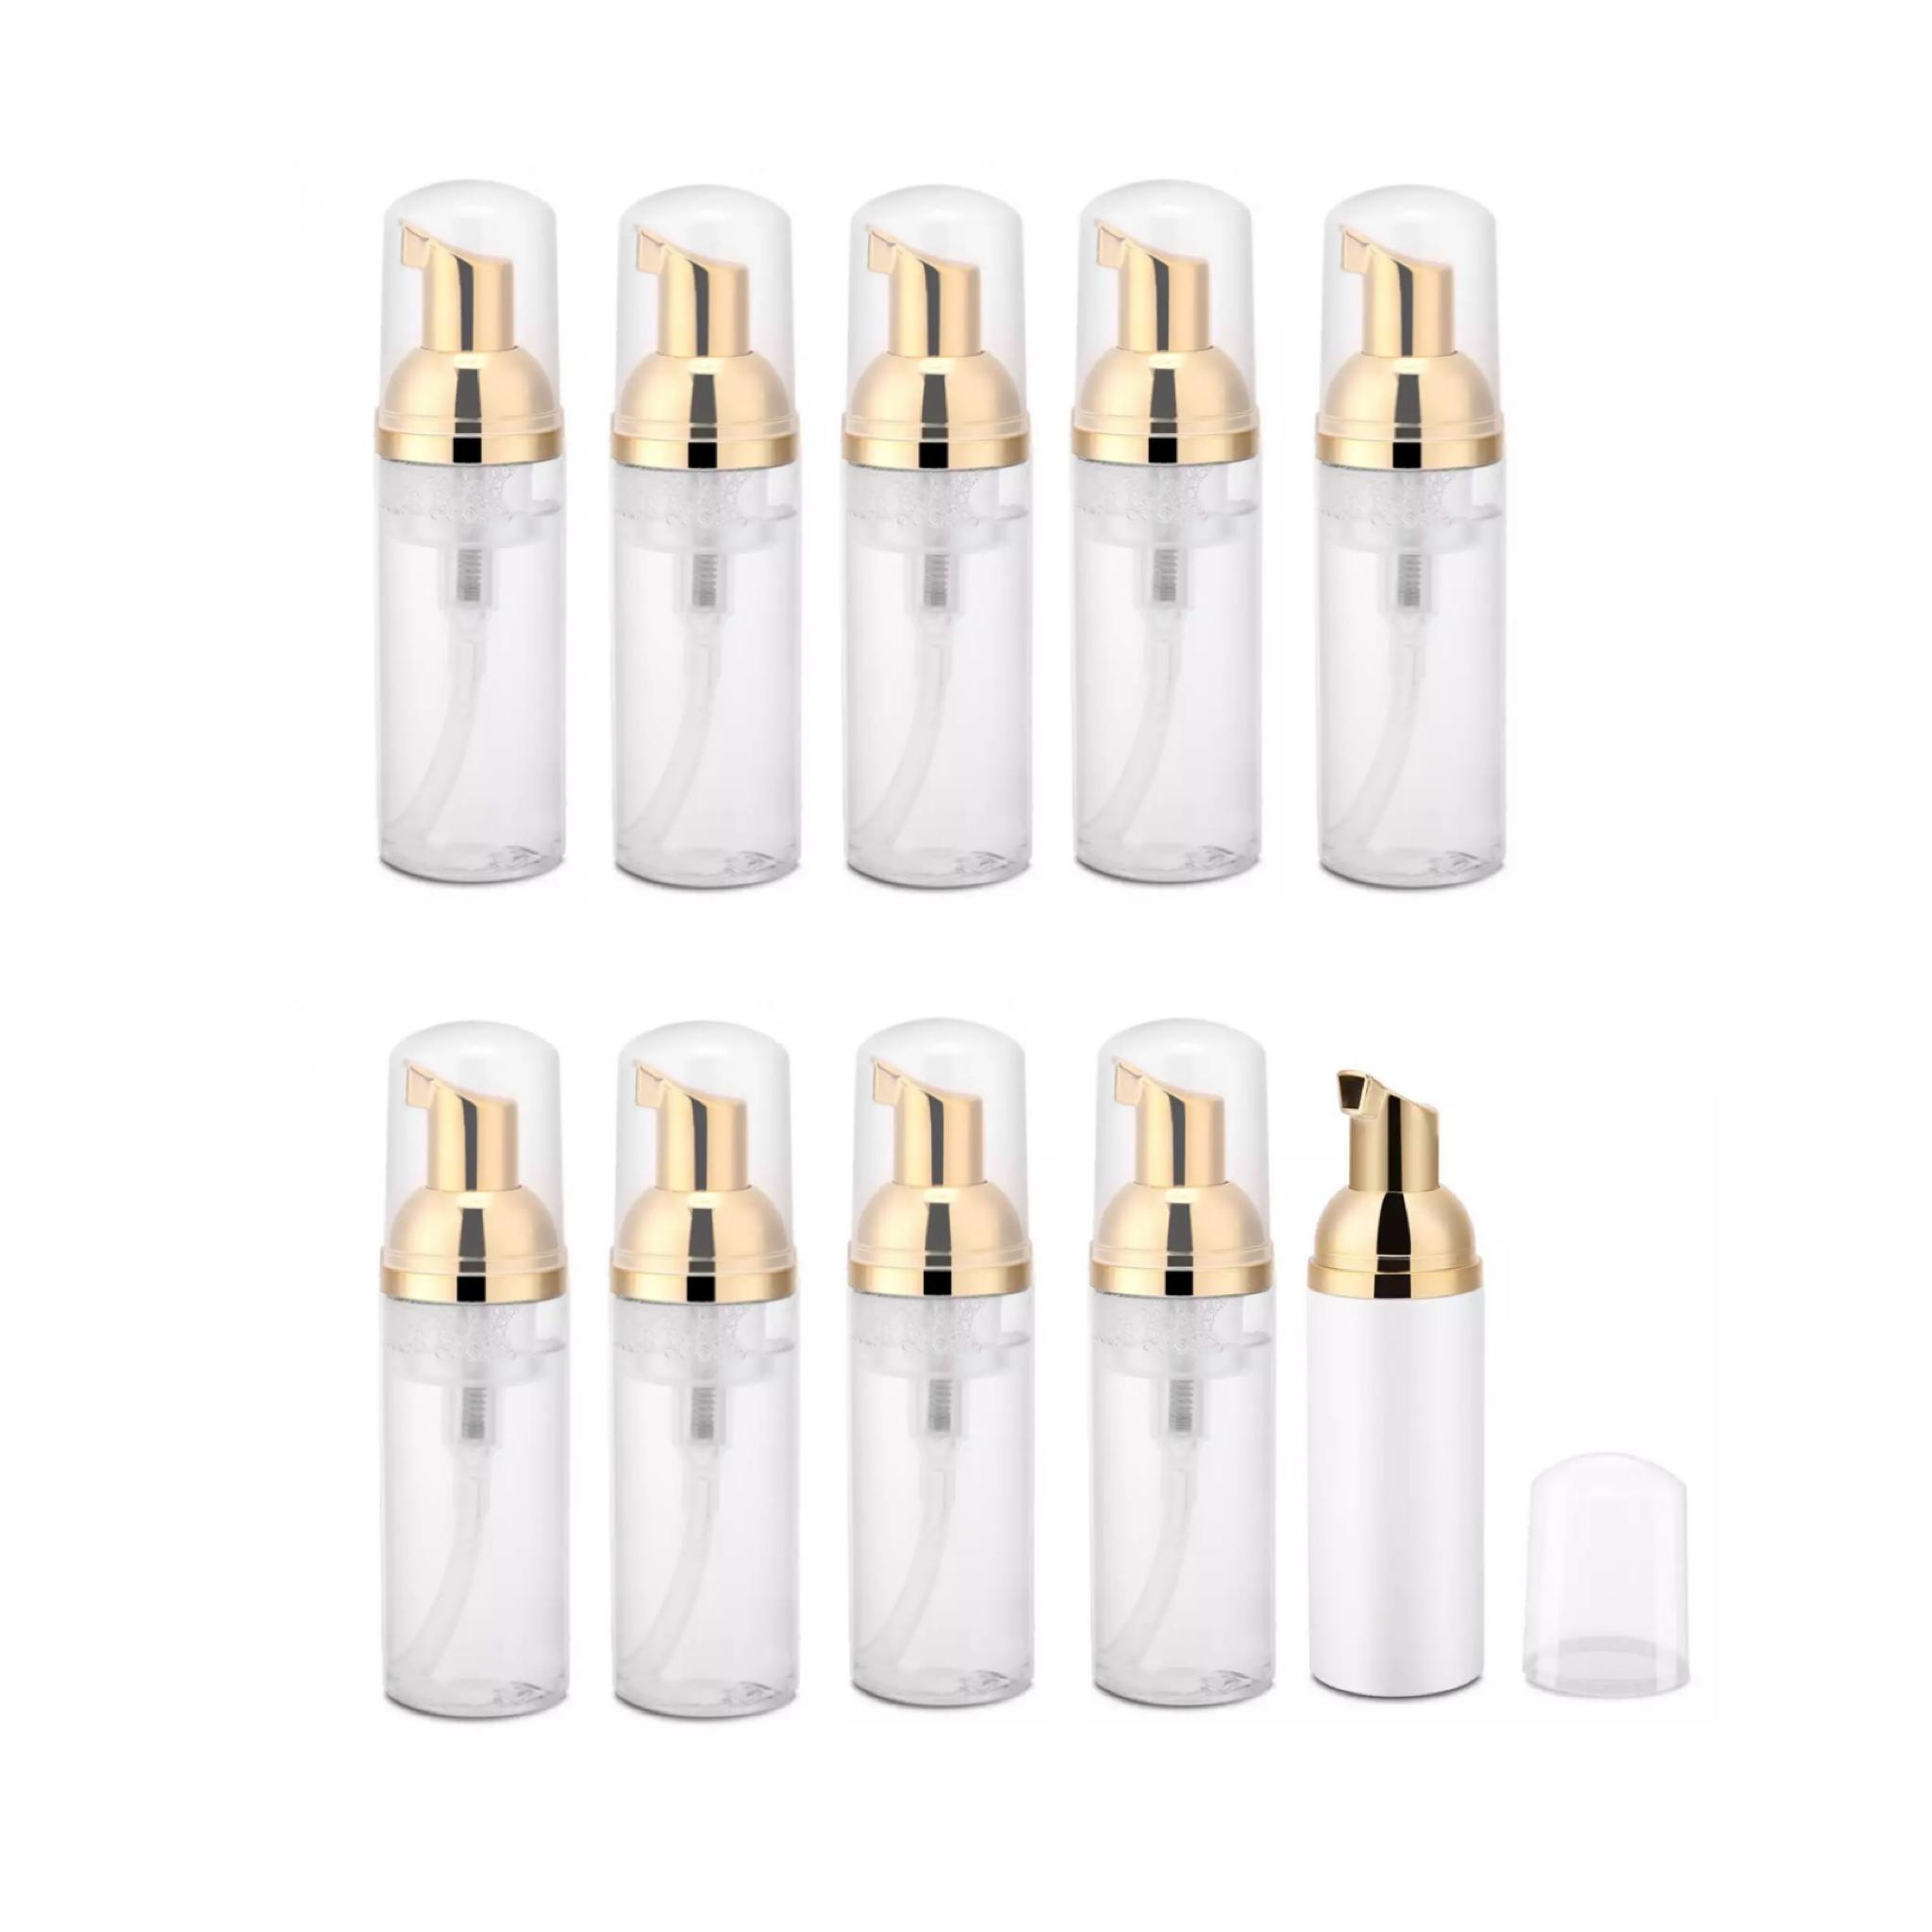 Bulk Foaming Pump Bottle 60ml – Kaufen Sie 15 Flaschen (je 2,25 USD)